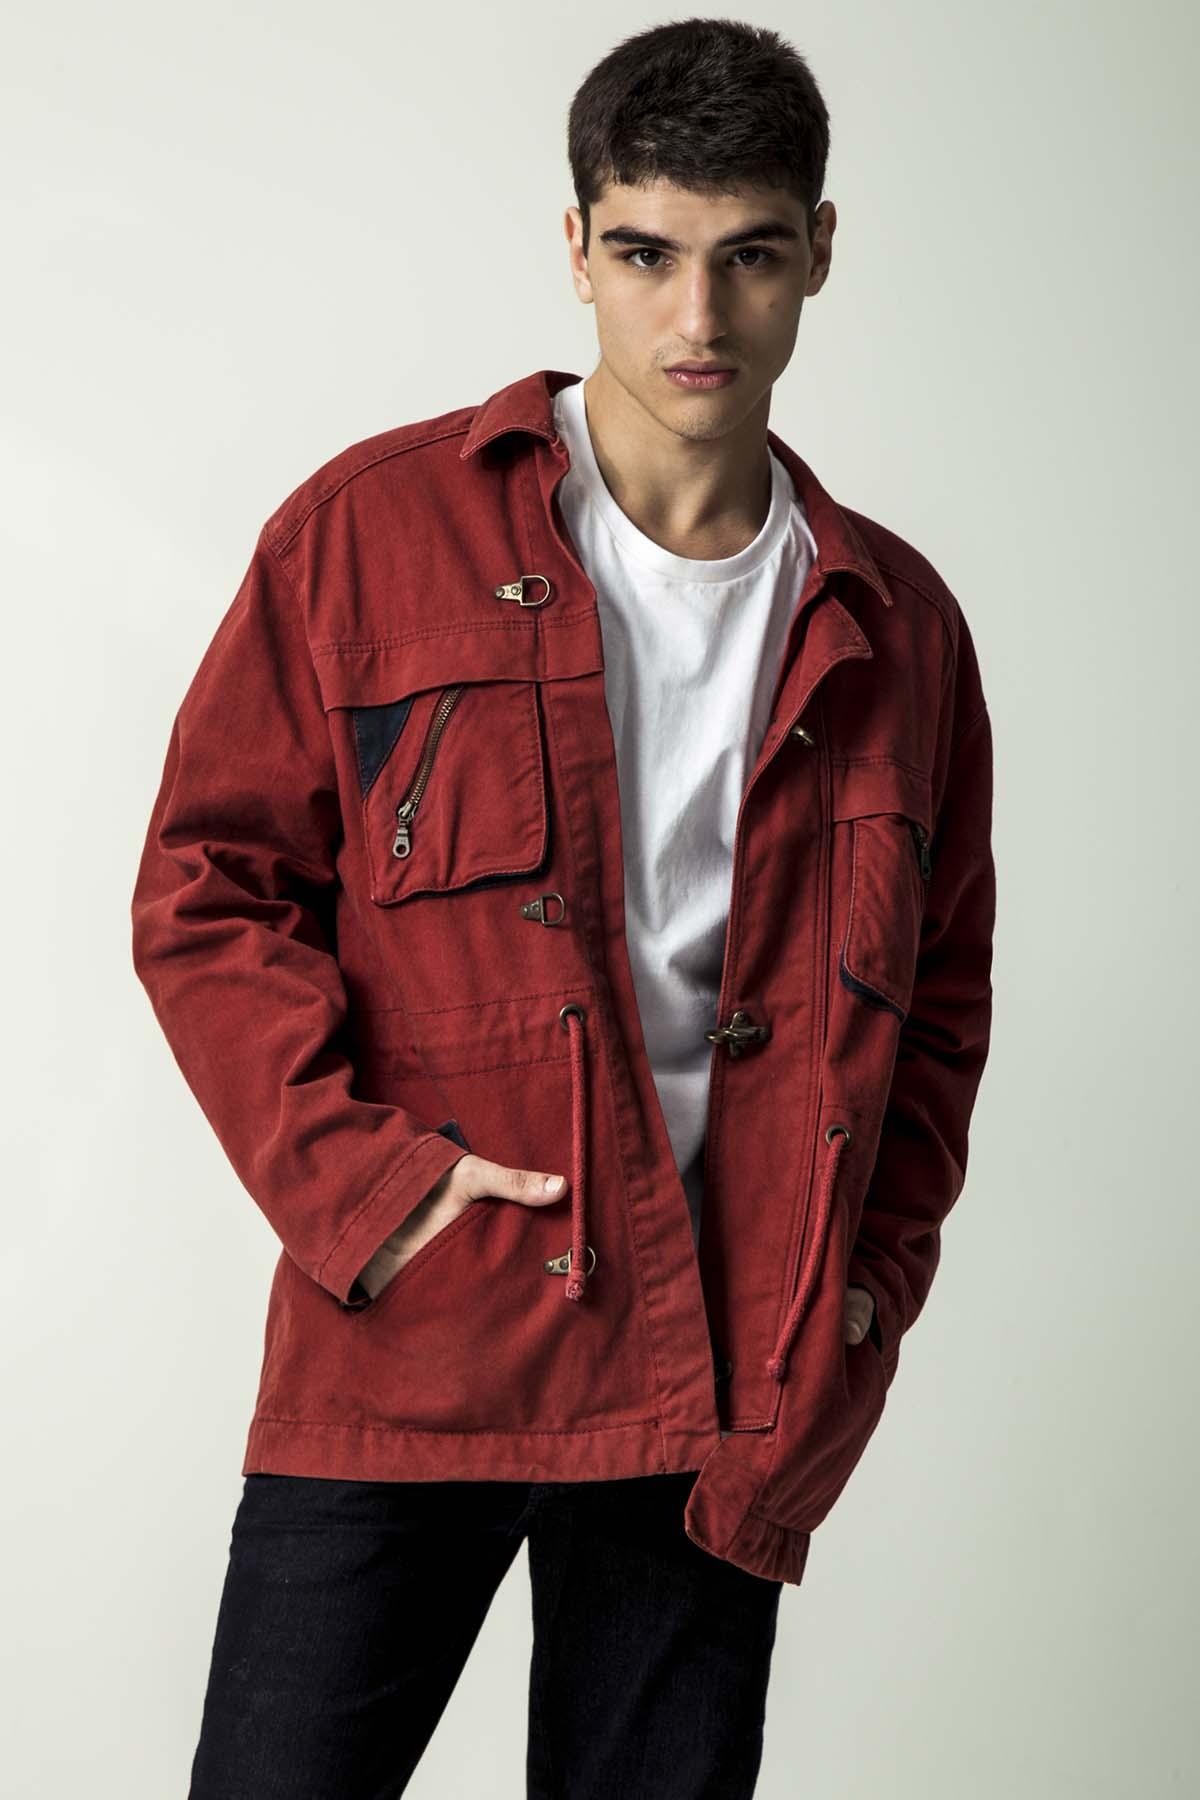 Caian Zattar by Marcio Honorato for Brazilian Male Model